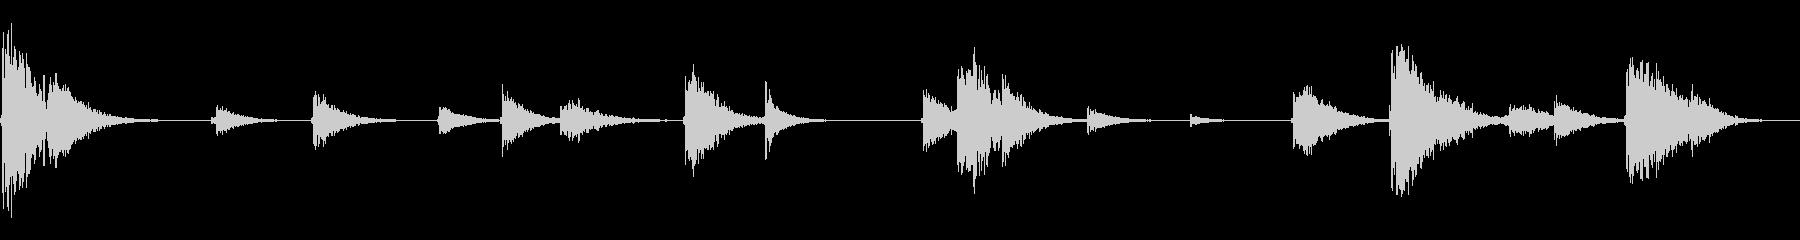 拷問ドリップ4の未再生の波形